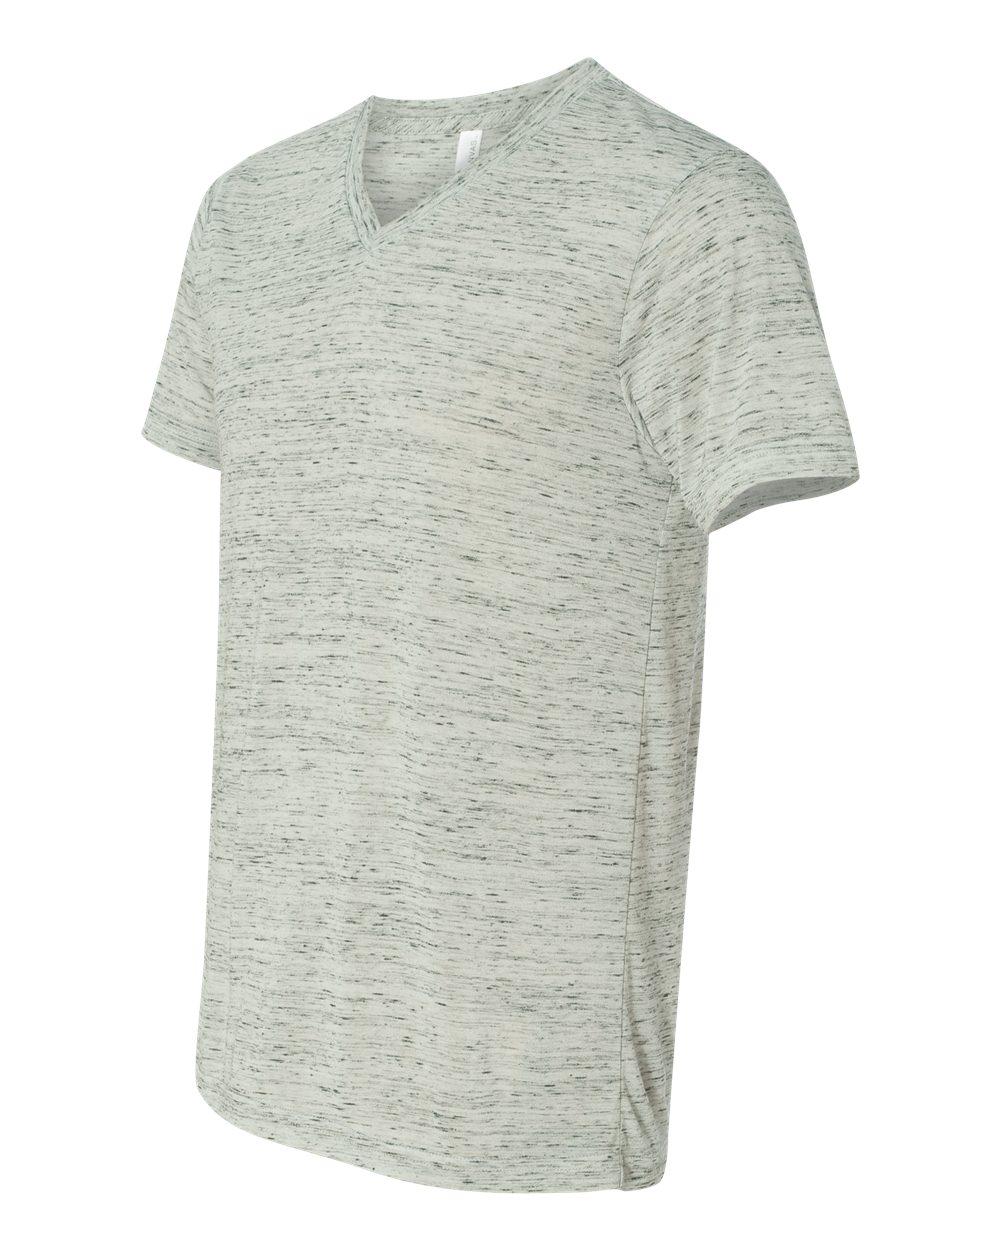 Bella-Canvas-Men-039-s-Jersey-Short-Sleeve-V-Neck-T-Shirt-3005-XS-3XL thumbnail 30